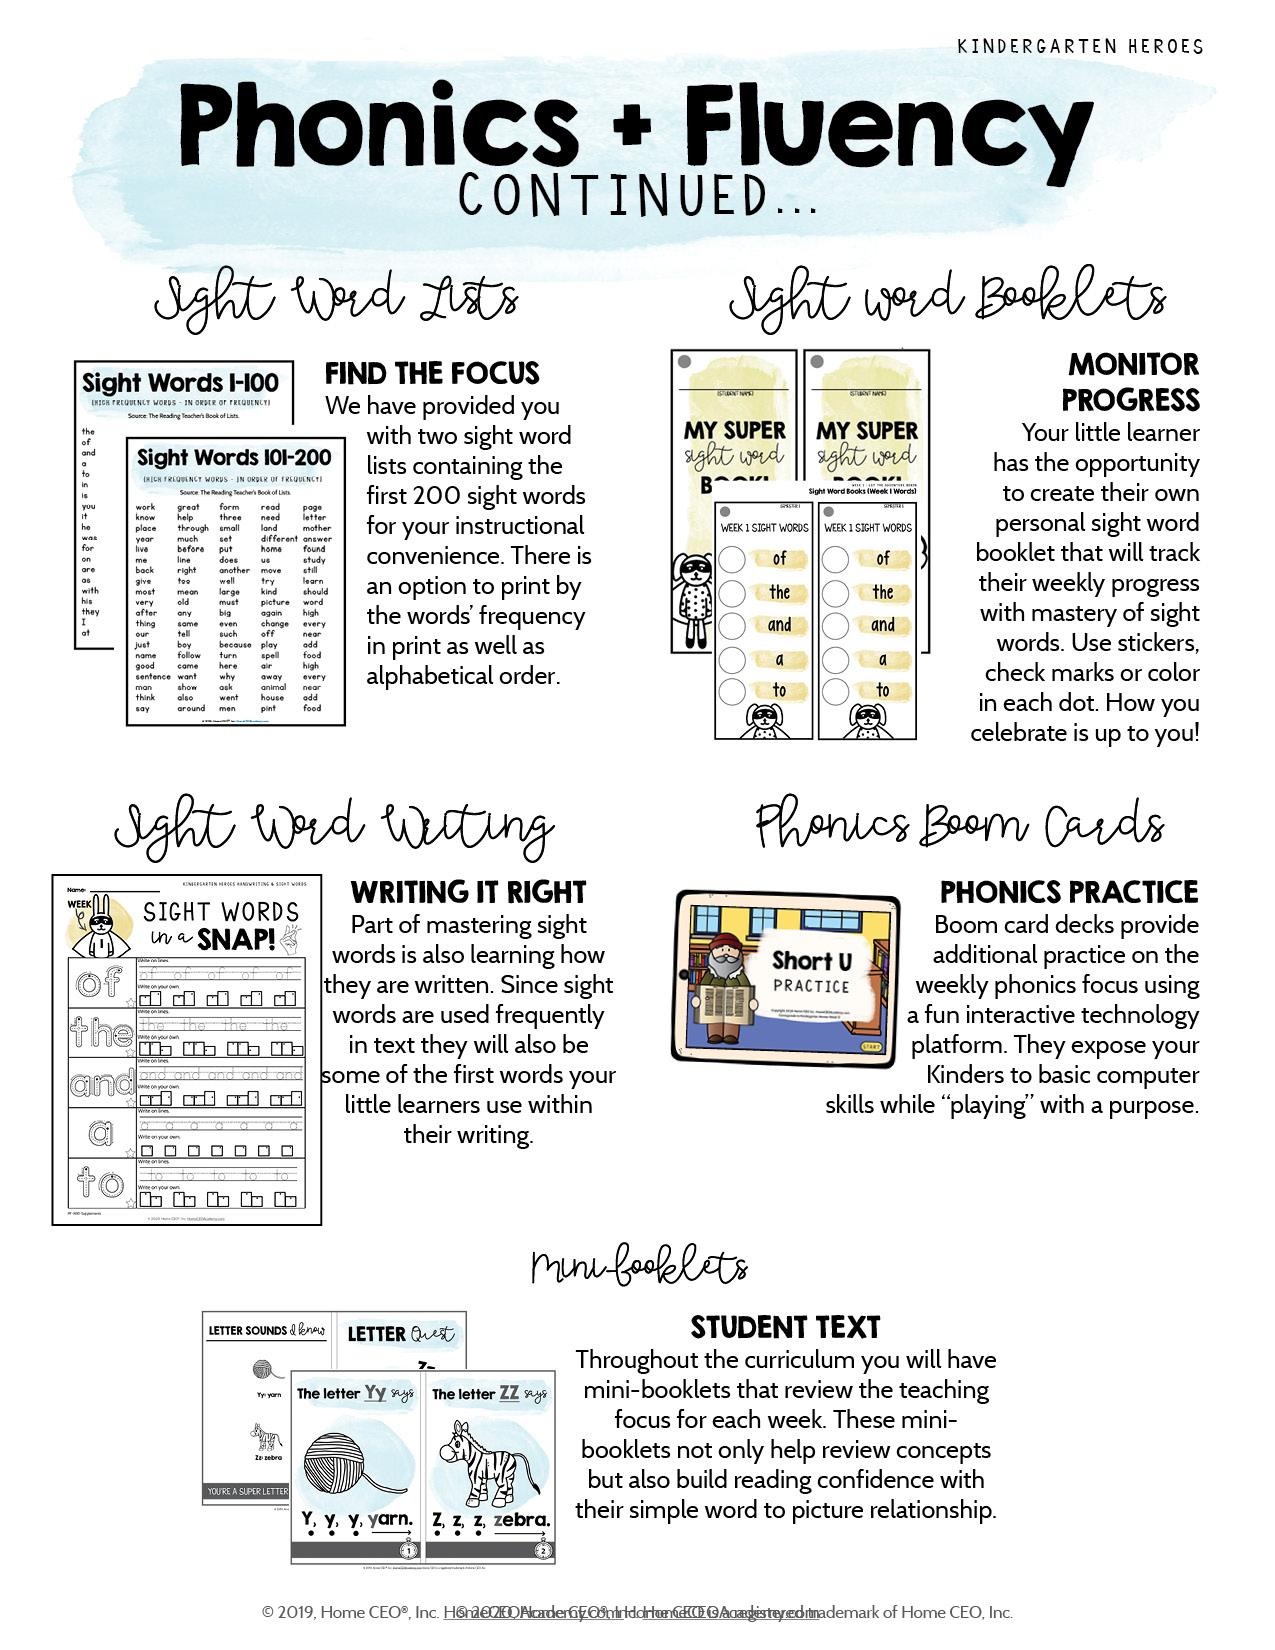 Kindergarten Heroes Curriculum Phonics Overview